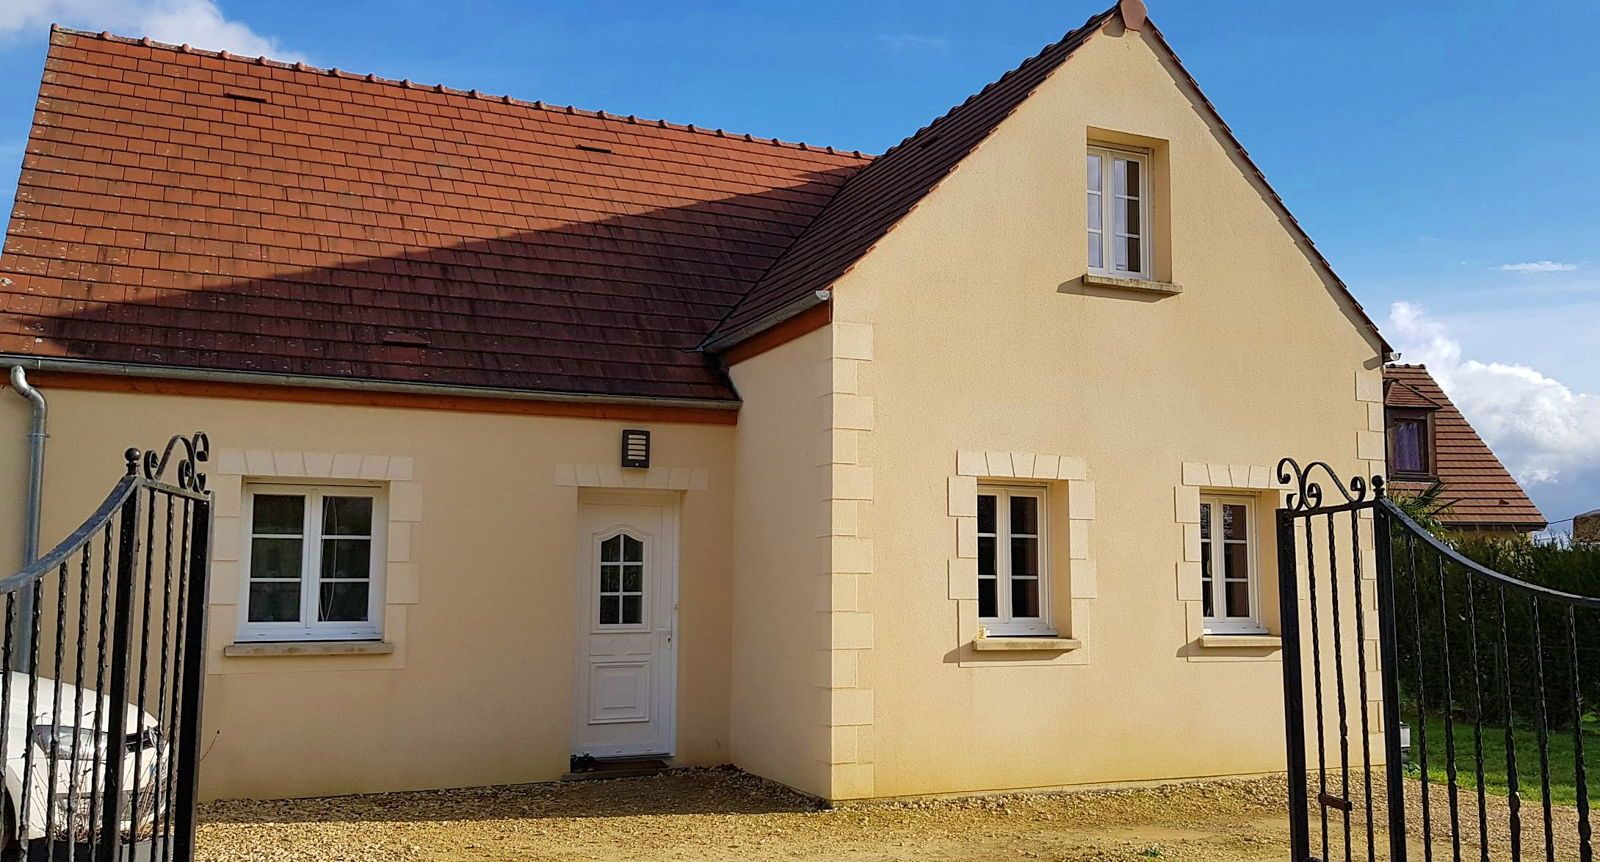 Vends maison 4pièces 118m² Boissy-le-Bois - La Corne-en-Vexin (60)